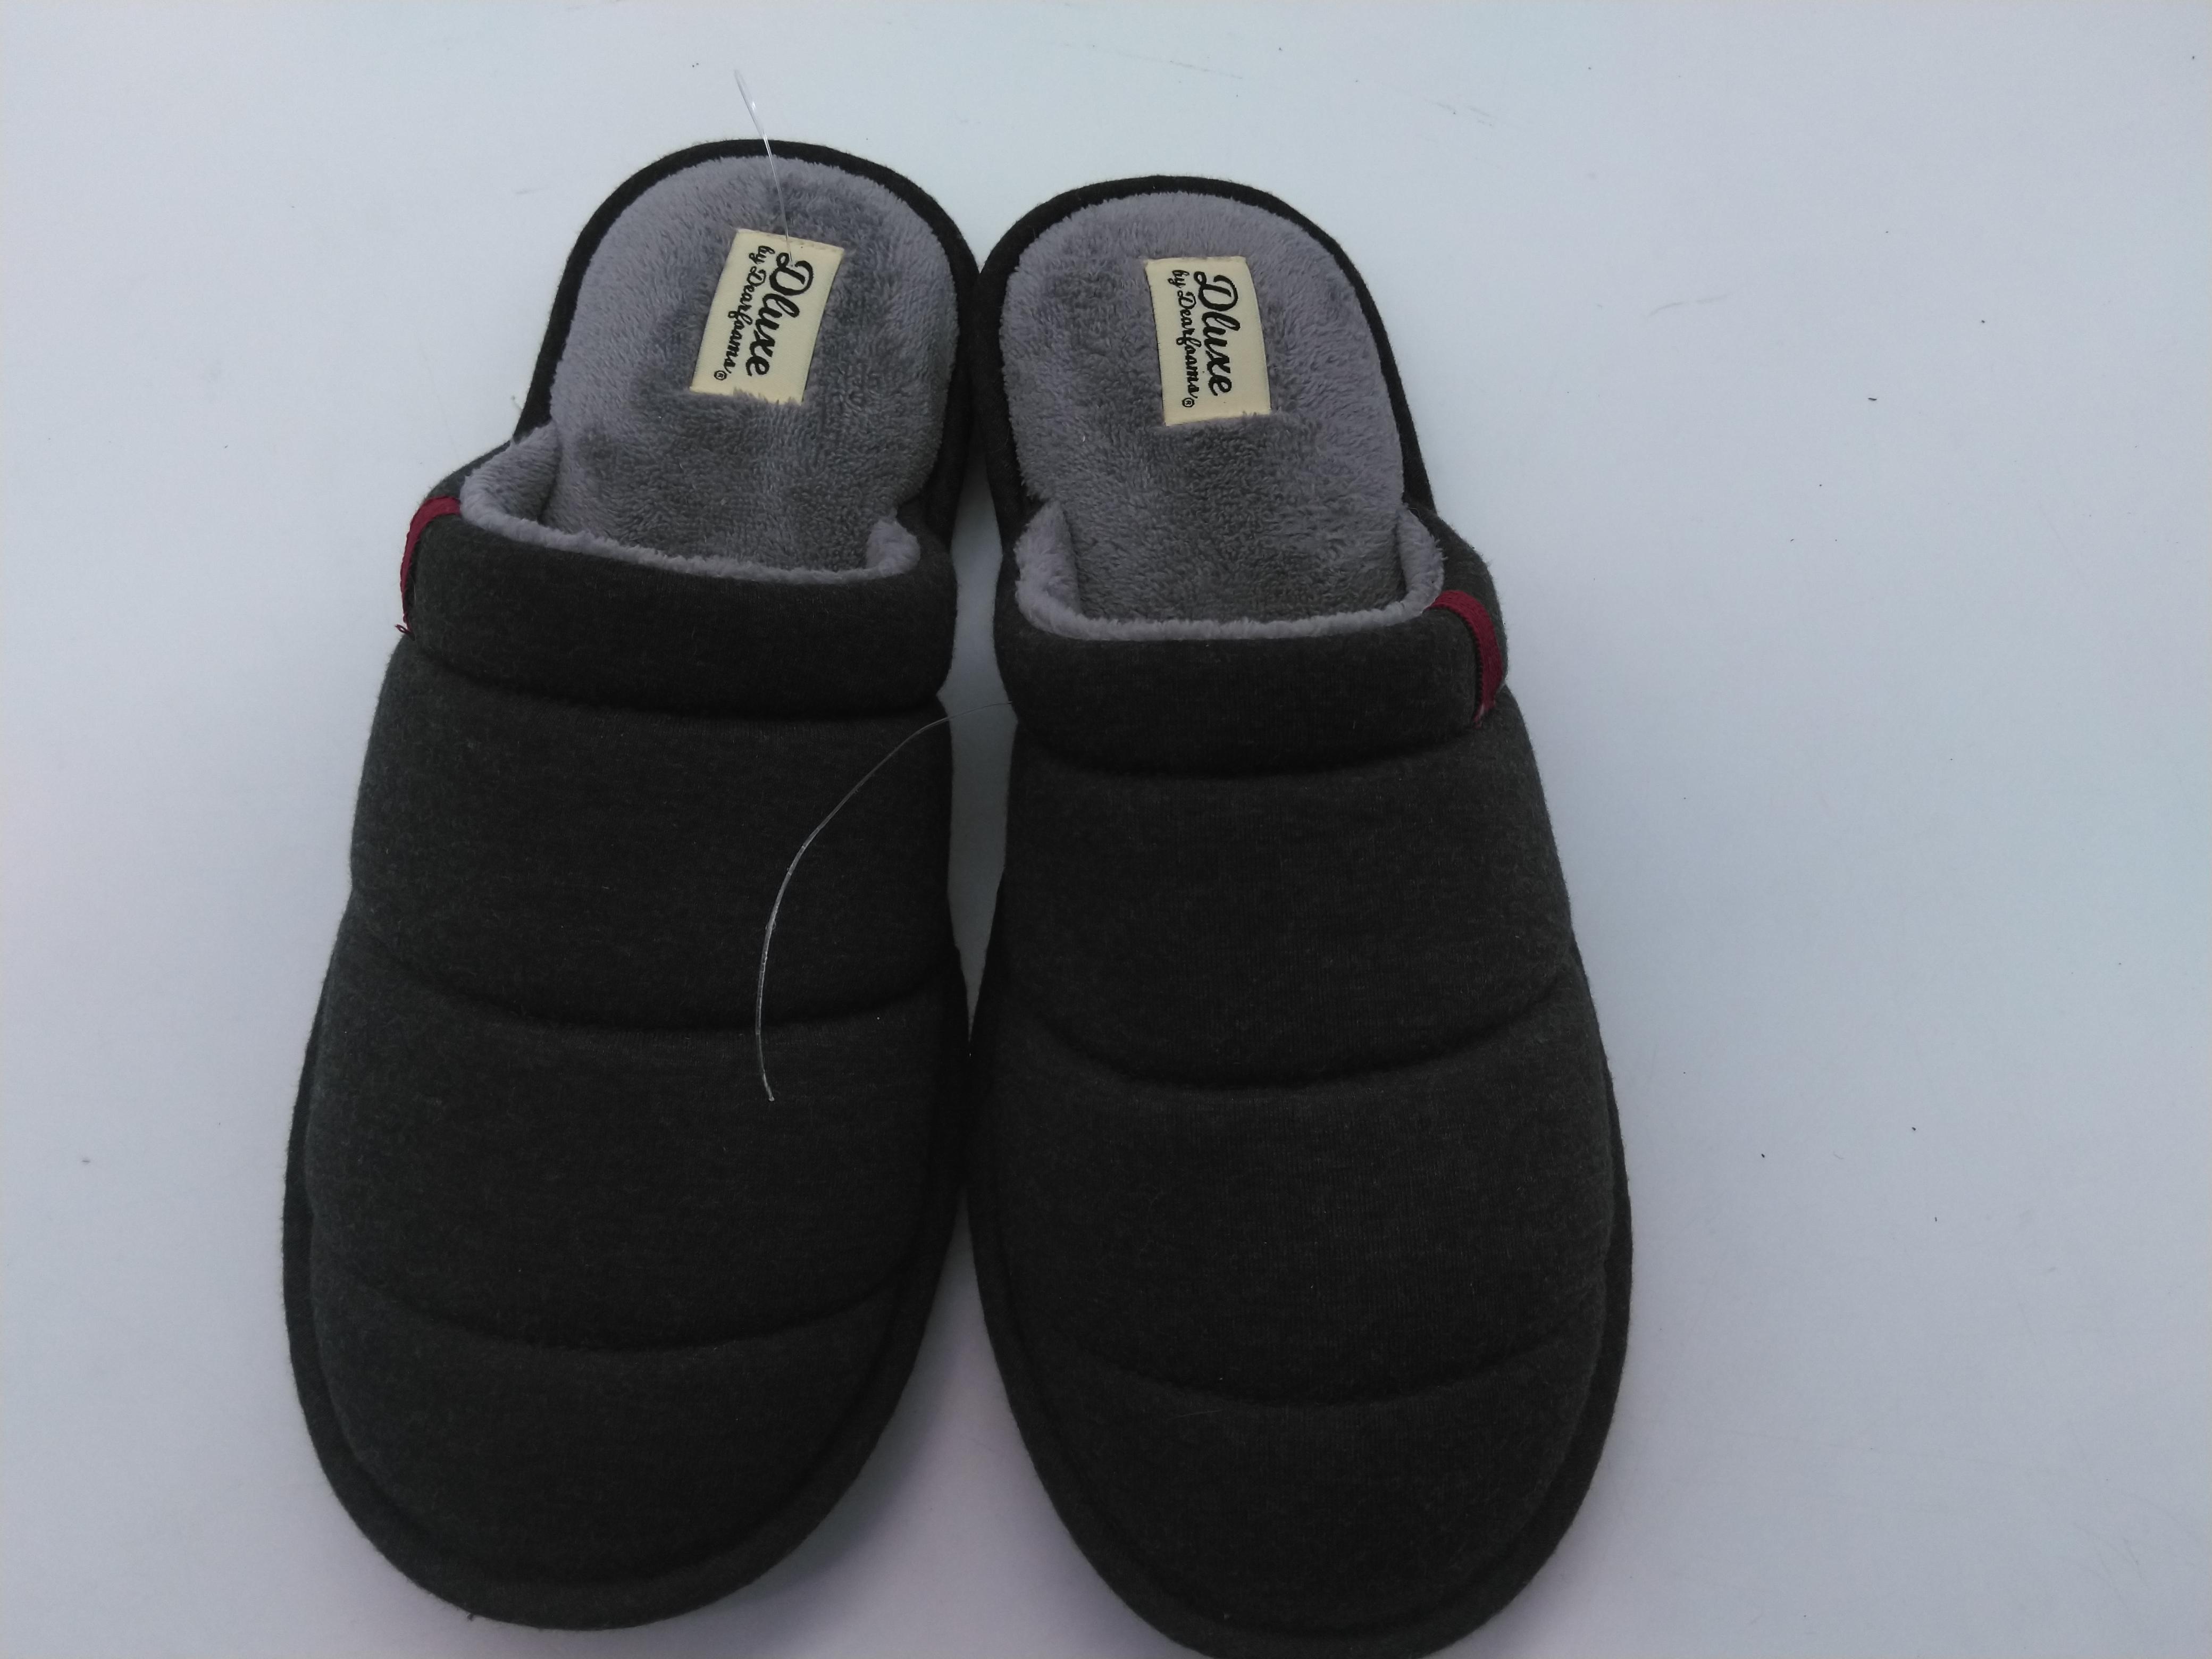 Dluxe By Dearfoams Slippers Size 9-10